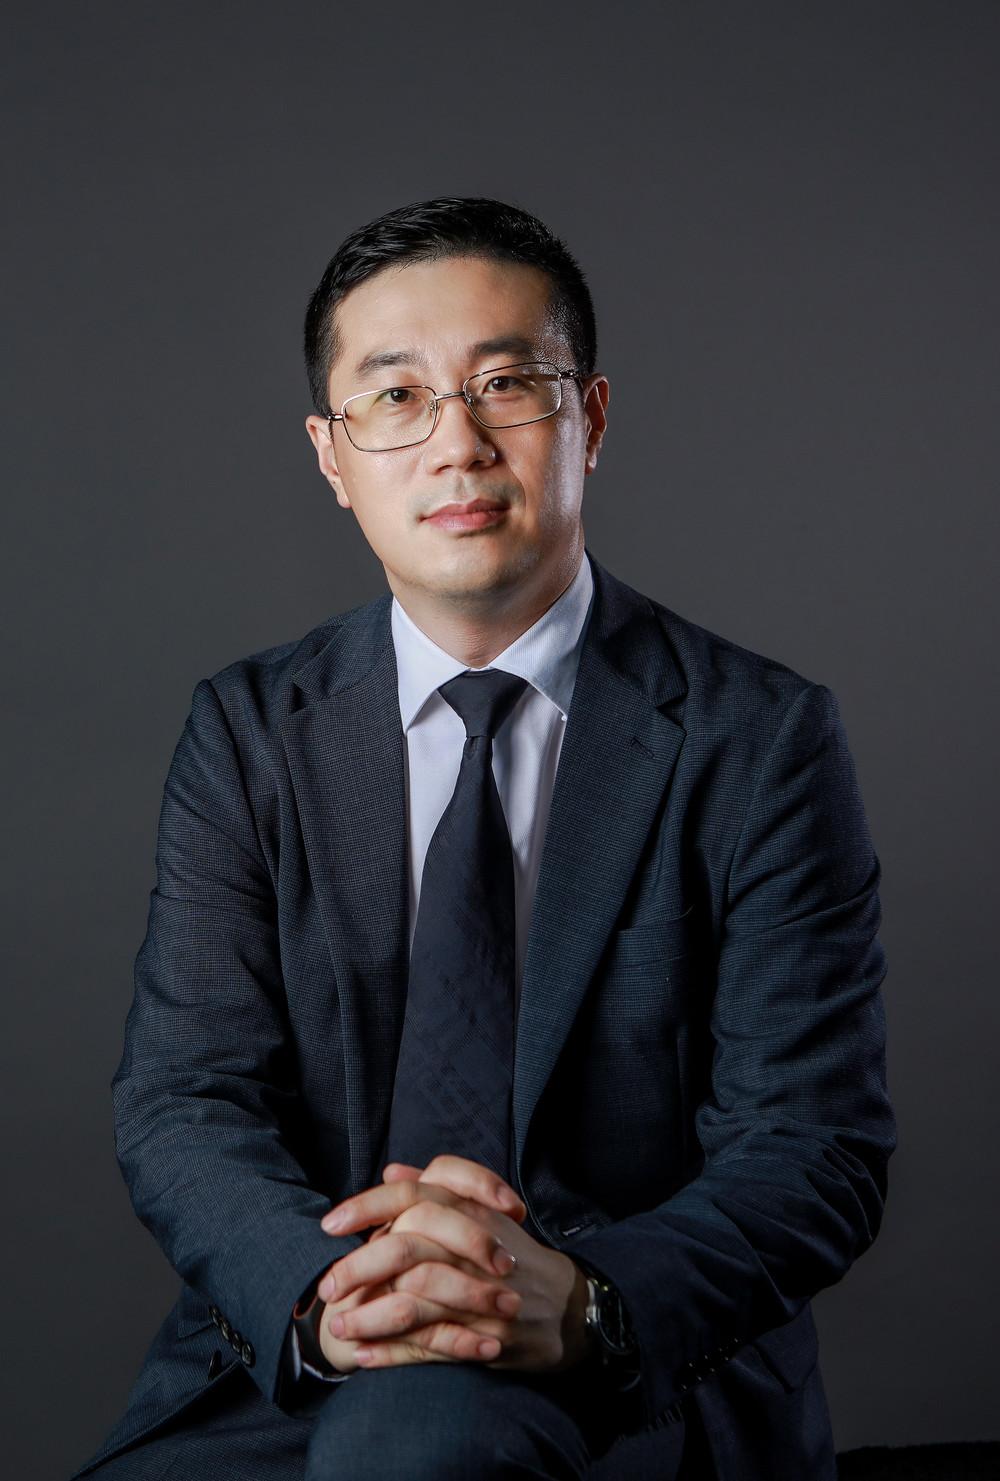 资深汽车营销人李鹏程加盟小鹏汽车  出任品牌公关总经理